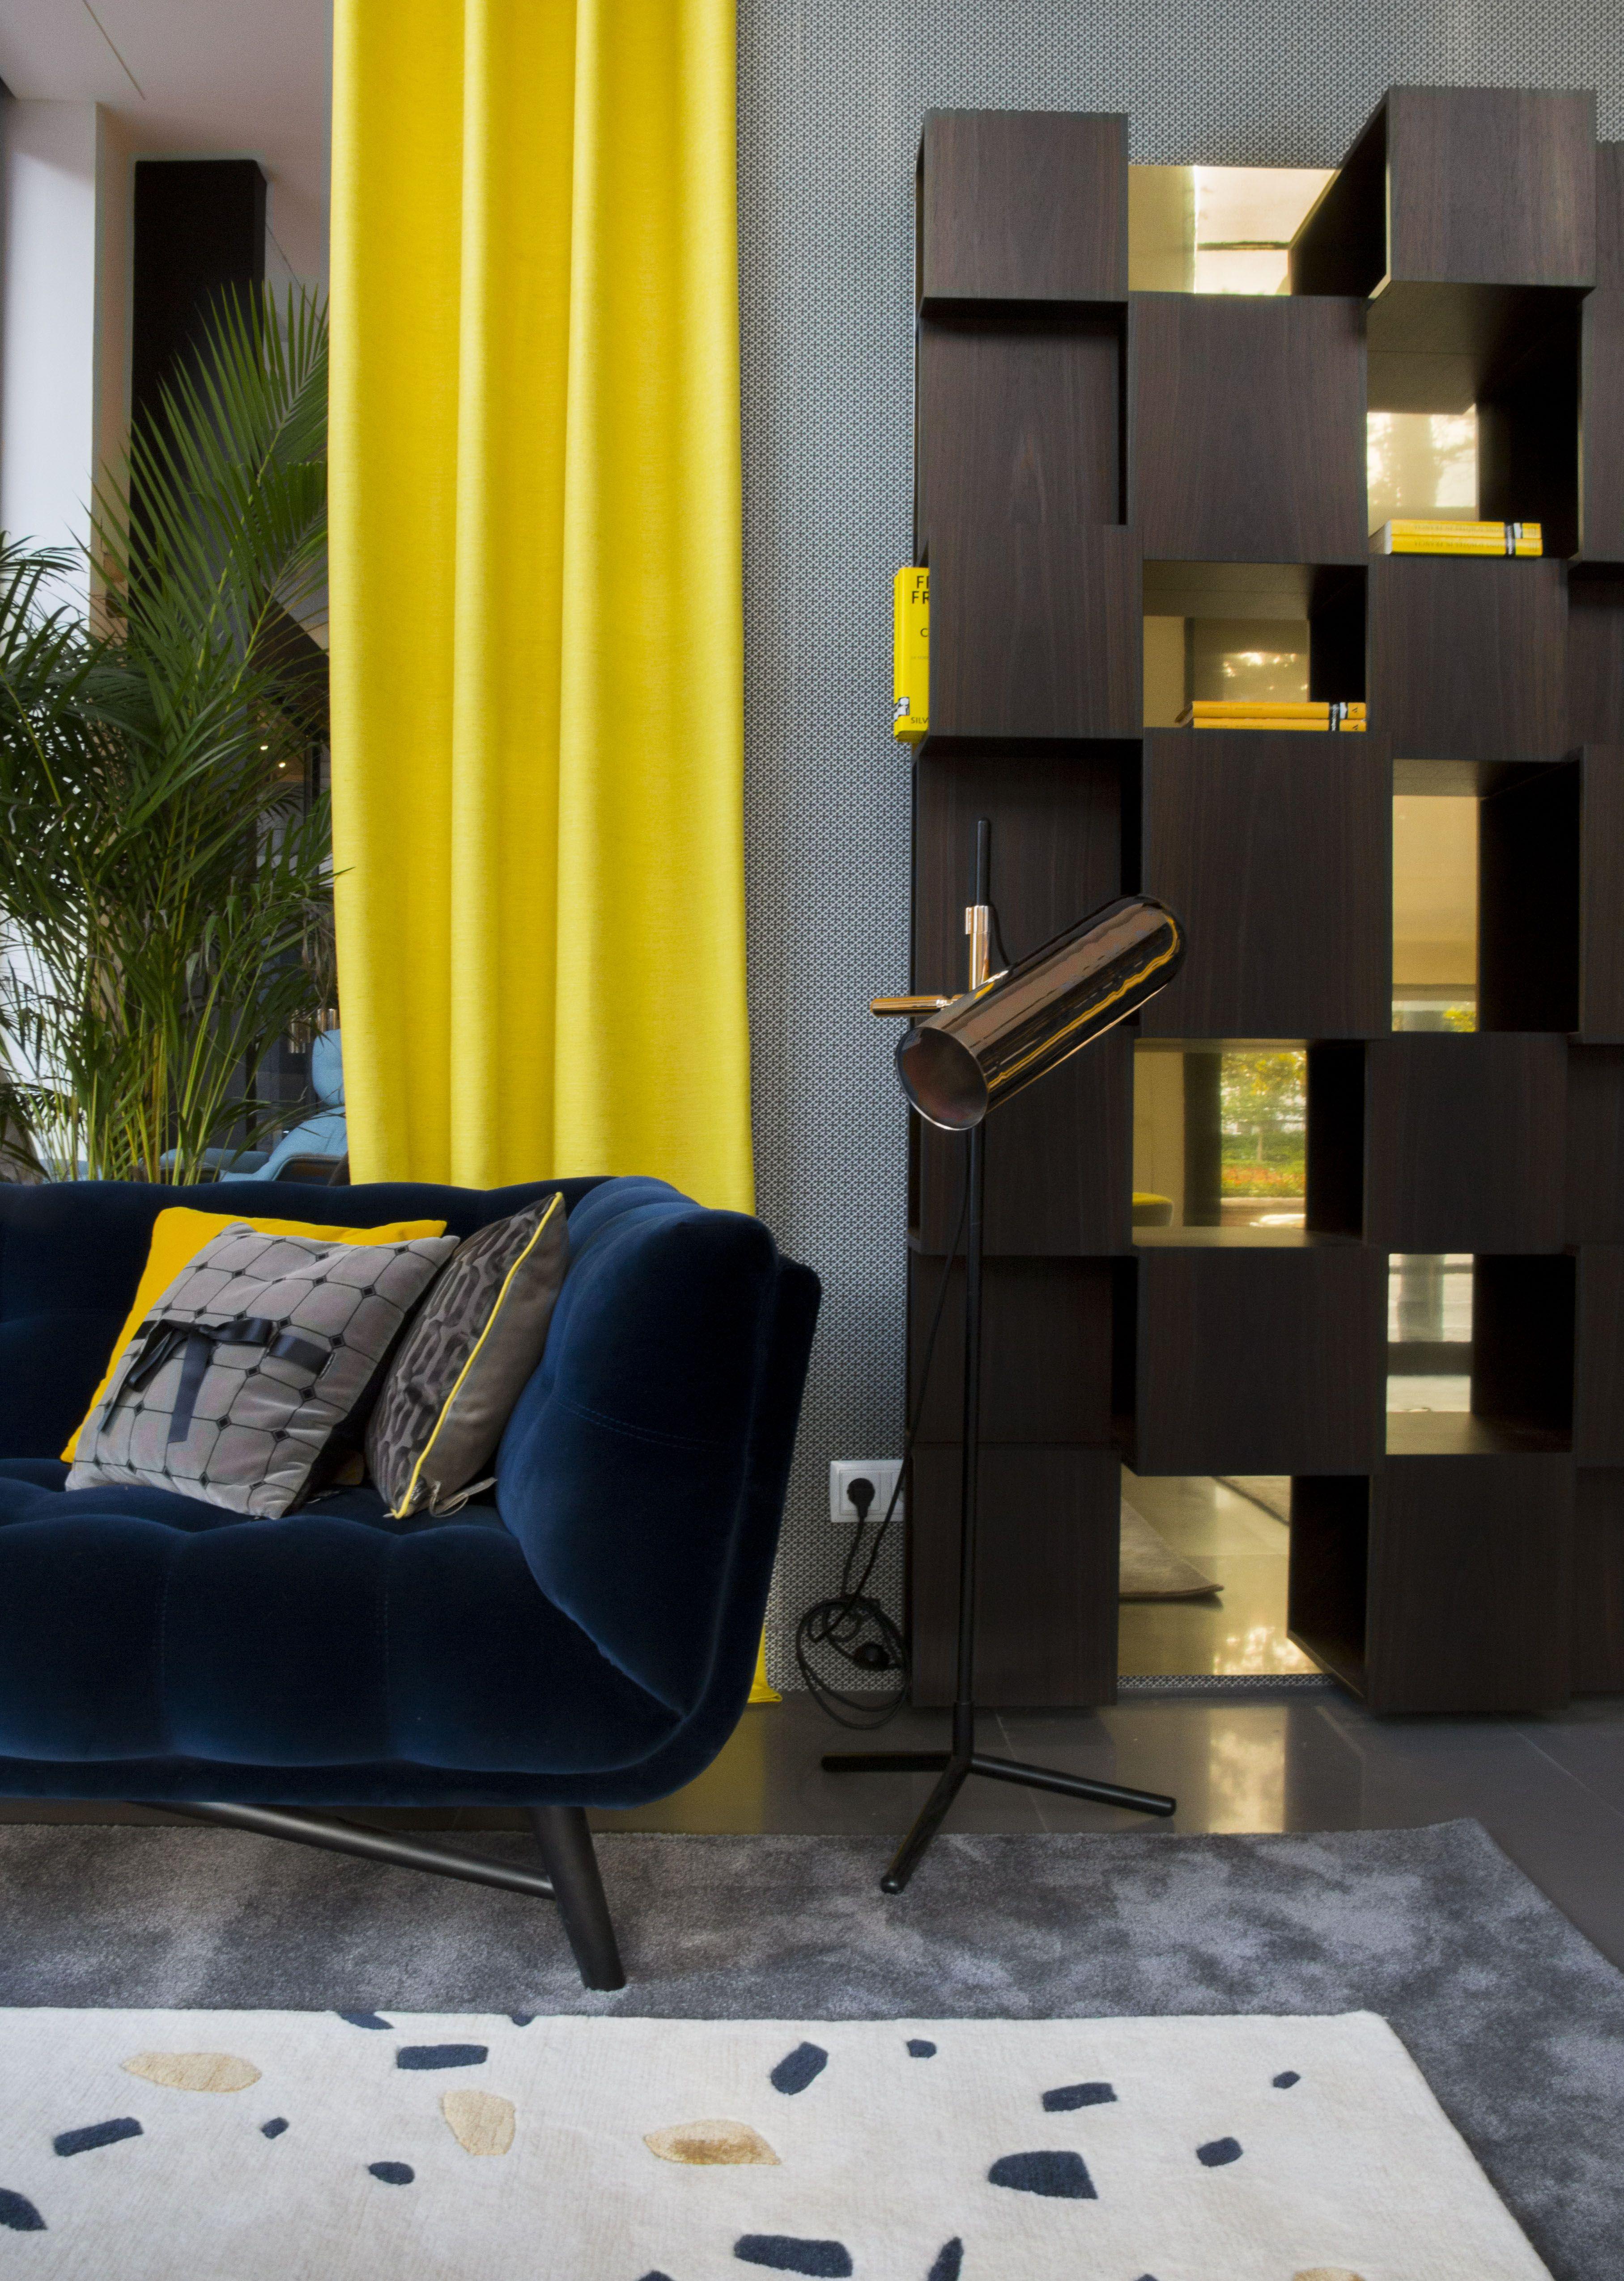 Roche Bobois Valencia L Interior Design By Patricio Ballesty